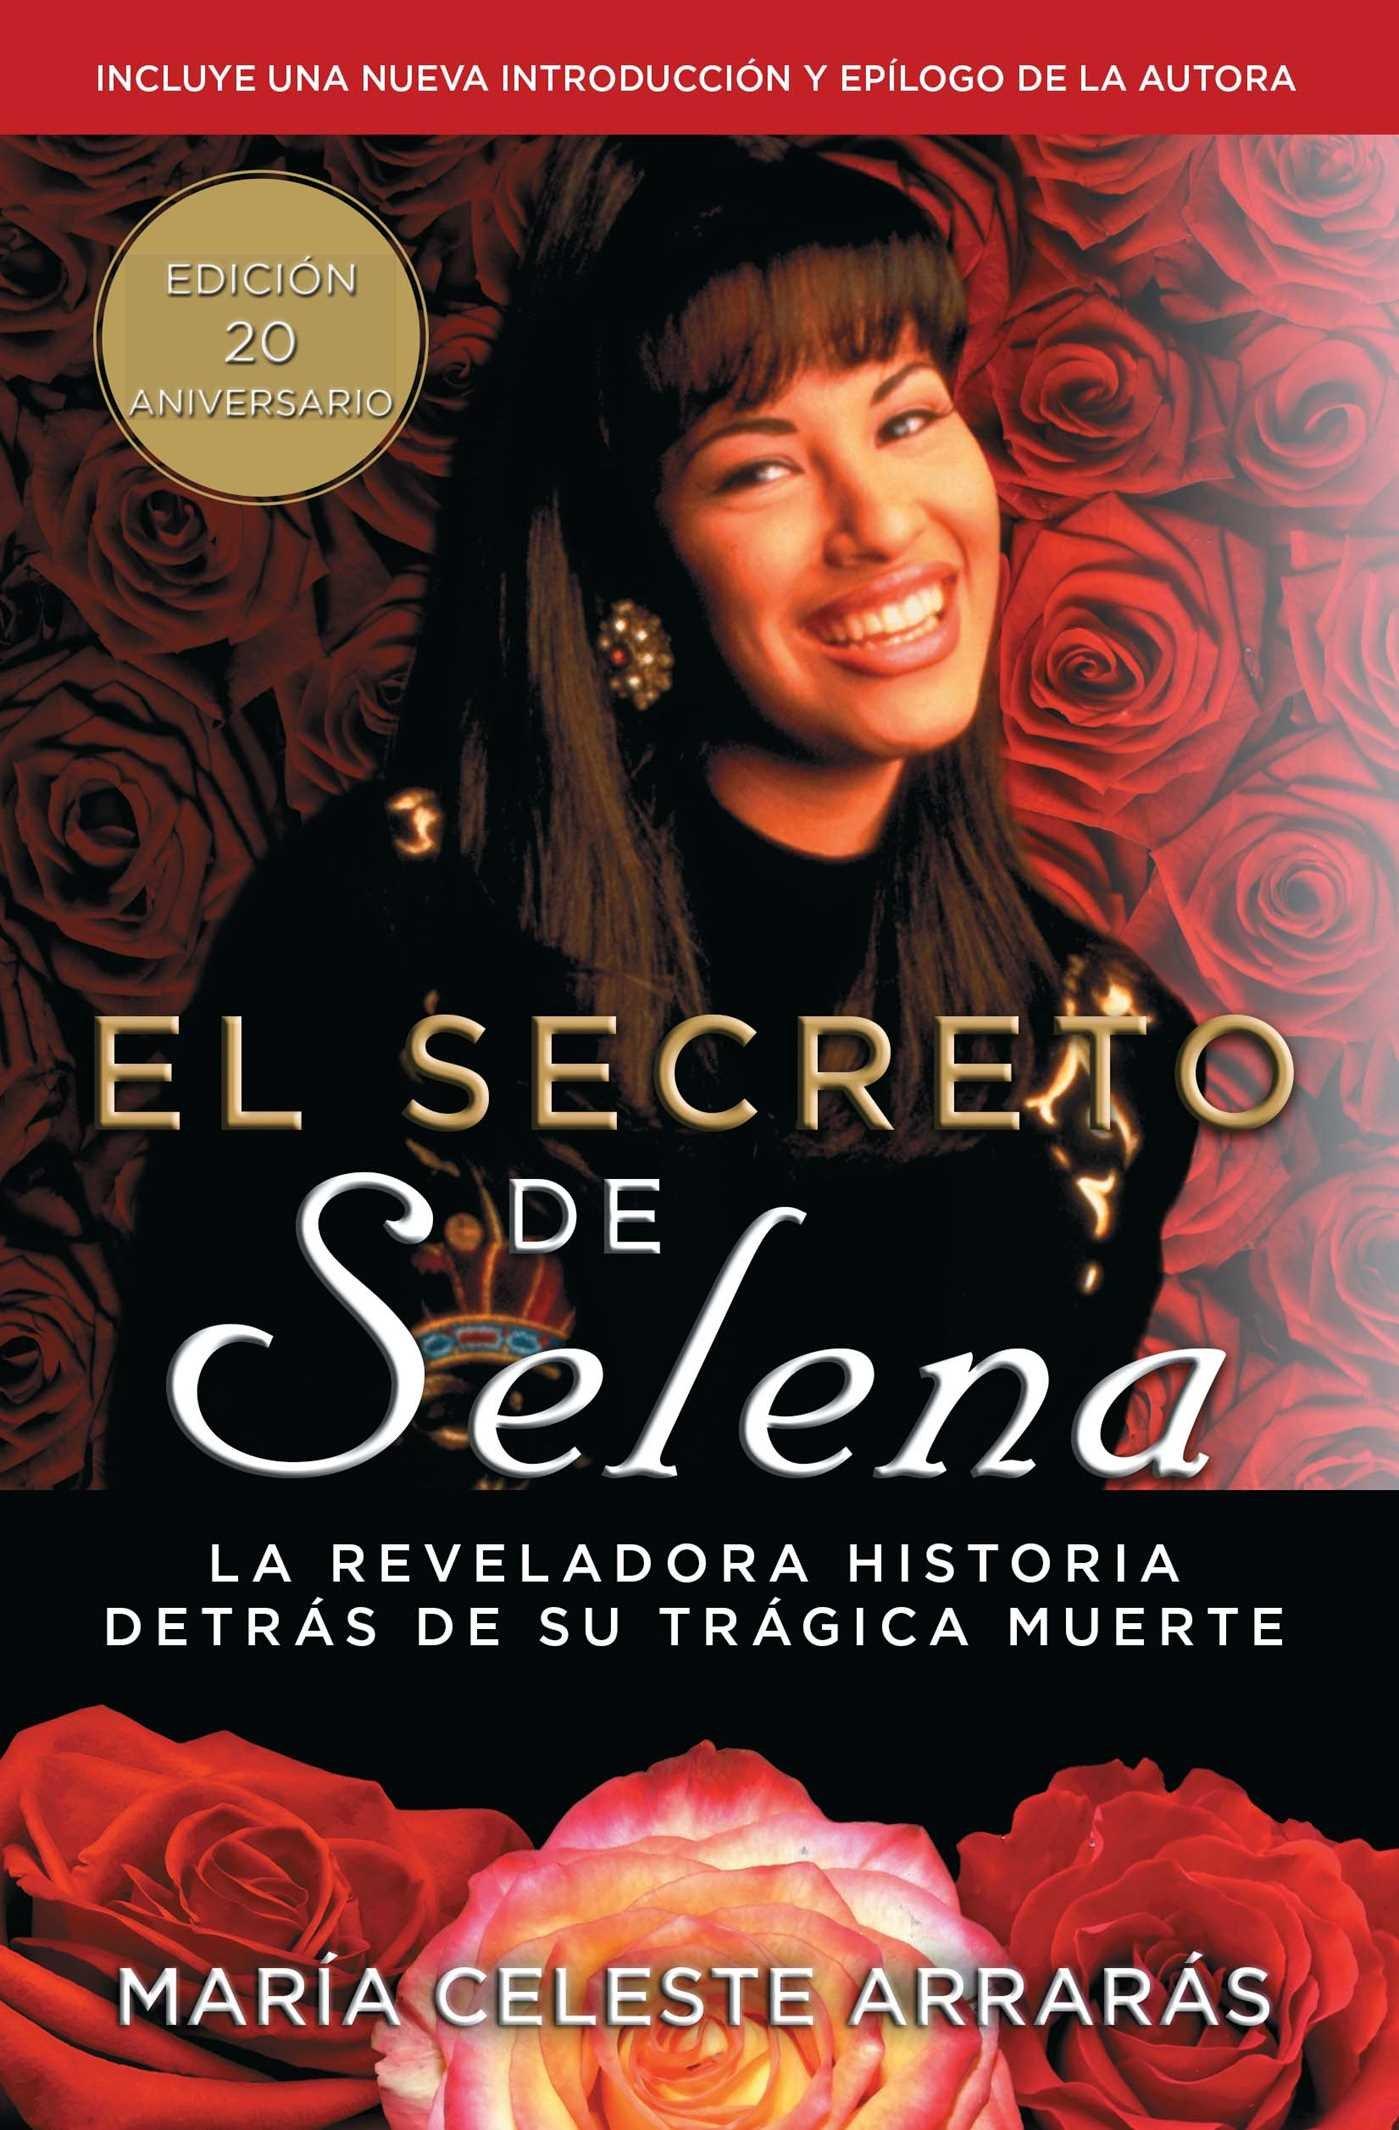 ... Secret): La reveladora historia detrás su trágica muerte (Atria Espanol) (Spanish Edition): María Celeste Arrarás: 9781476775067: Amazon.com: Books